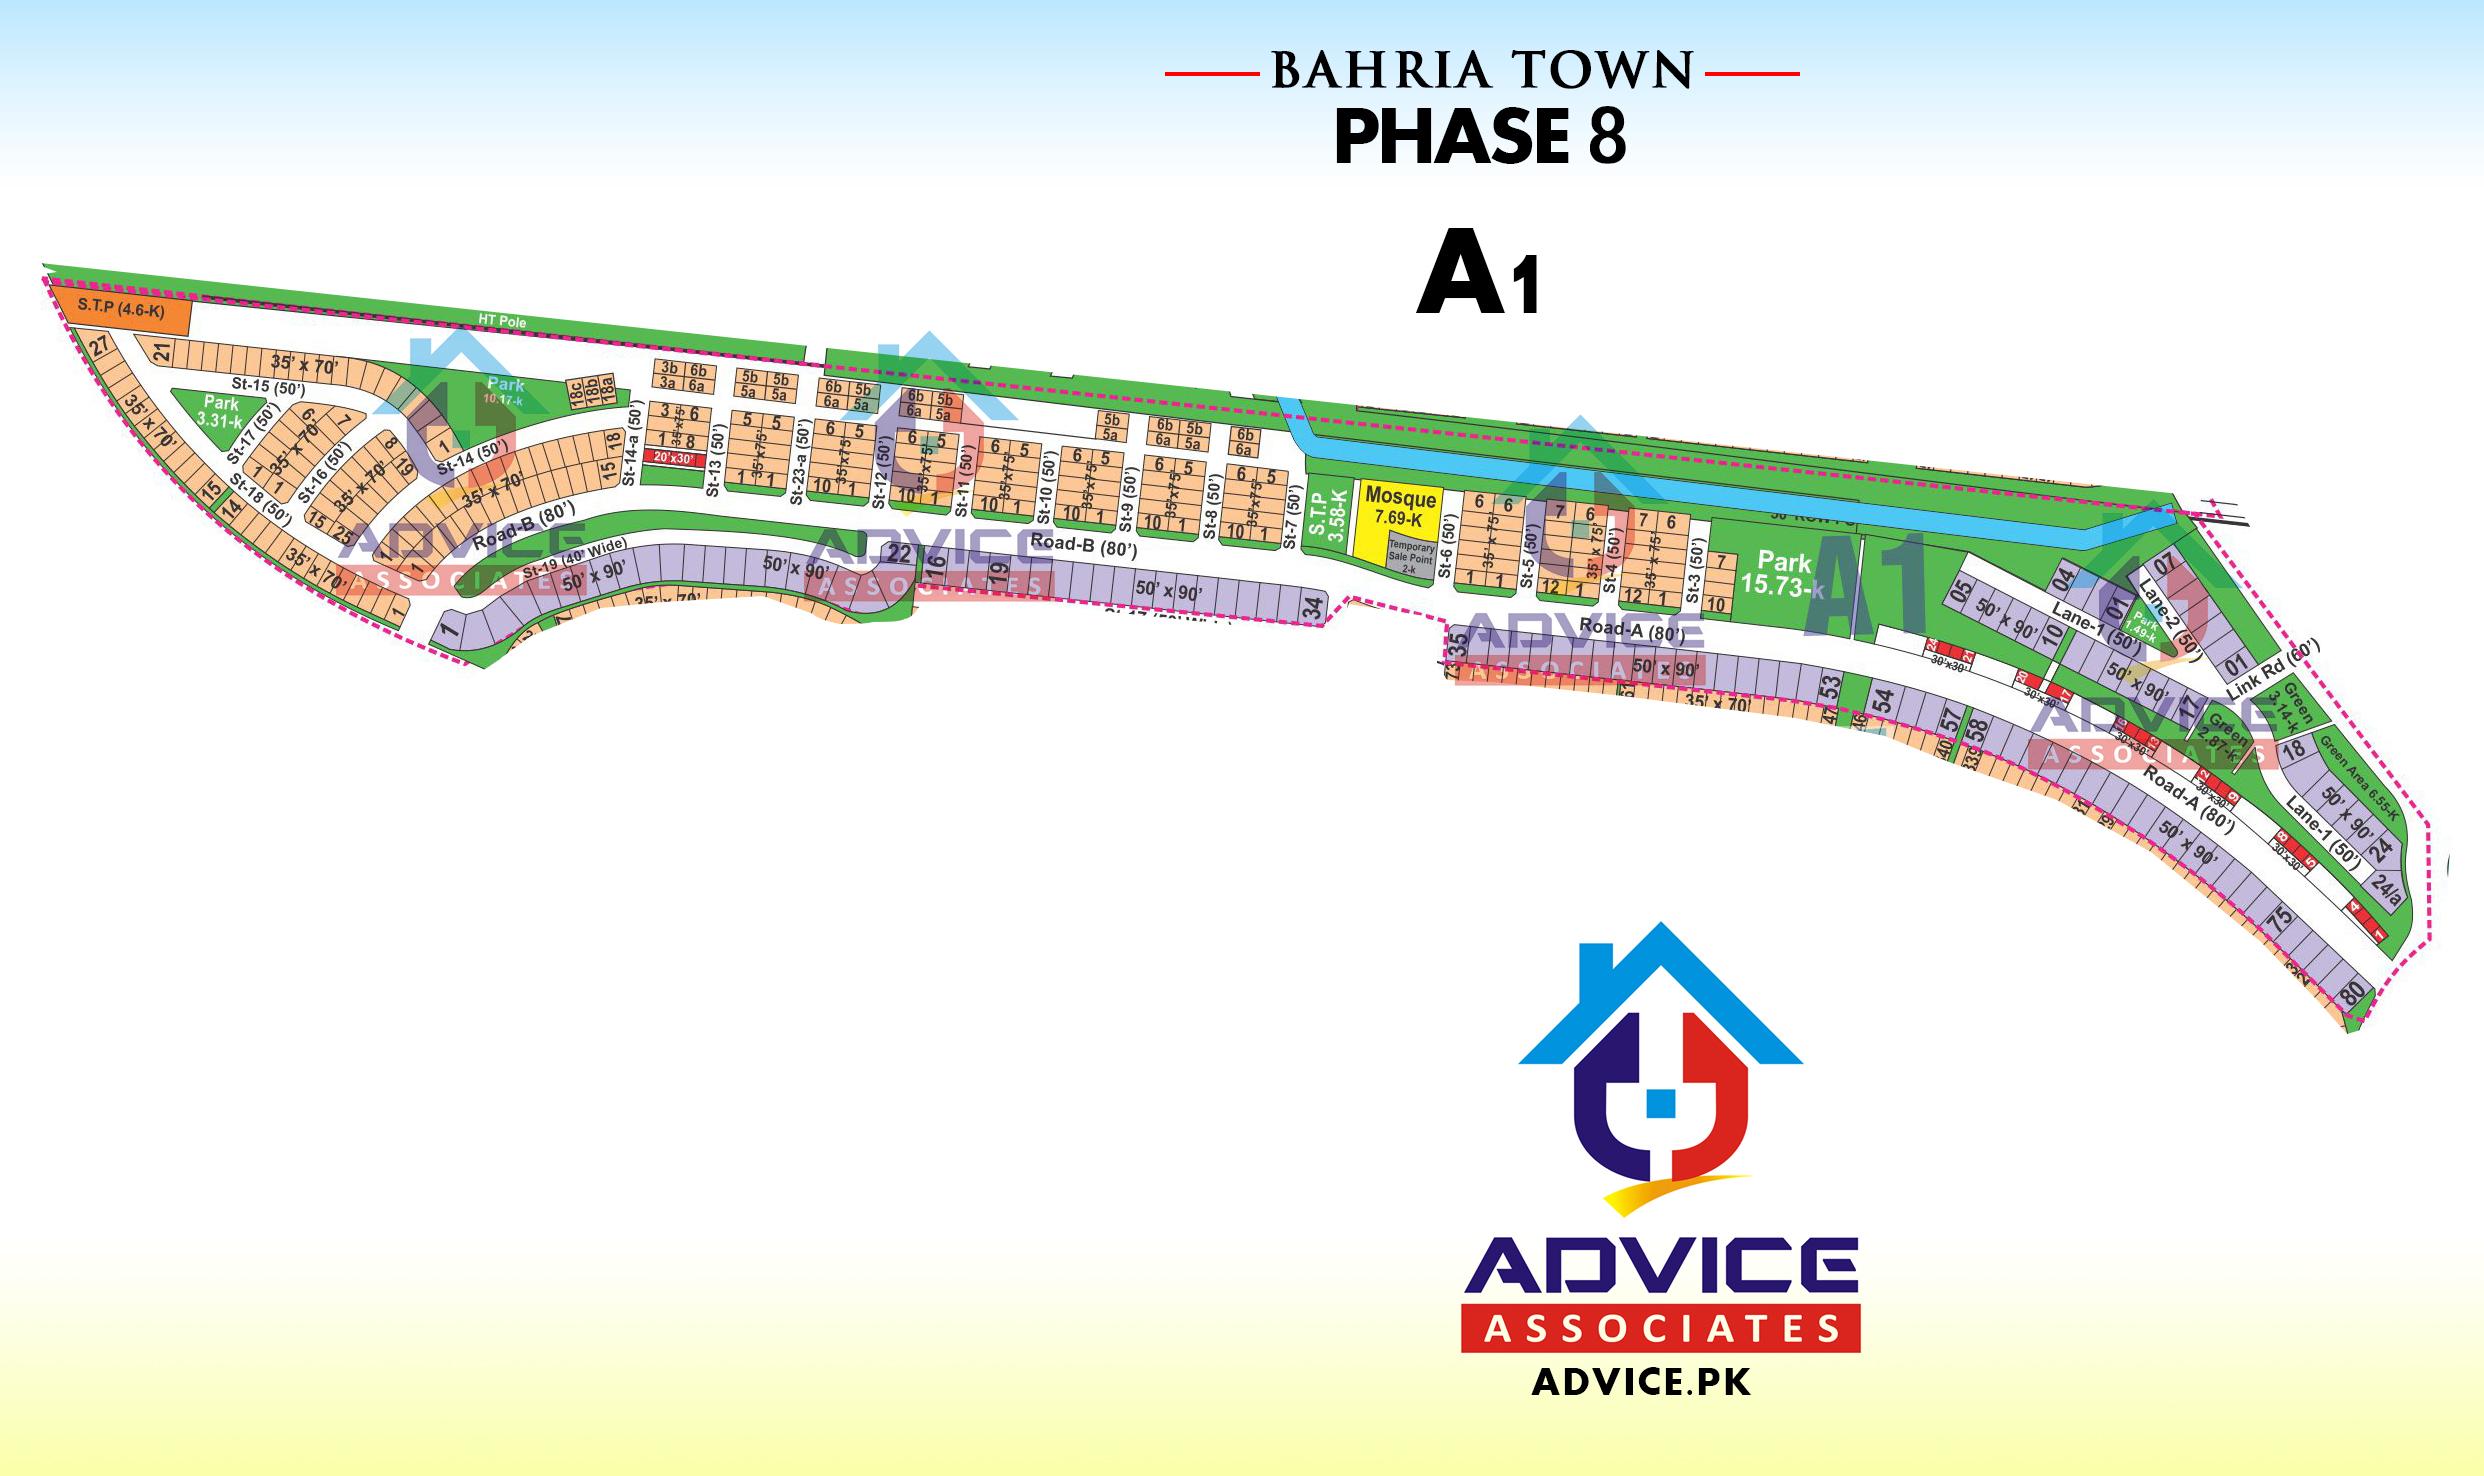 Bahria Town Phase 8 A1 Block